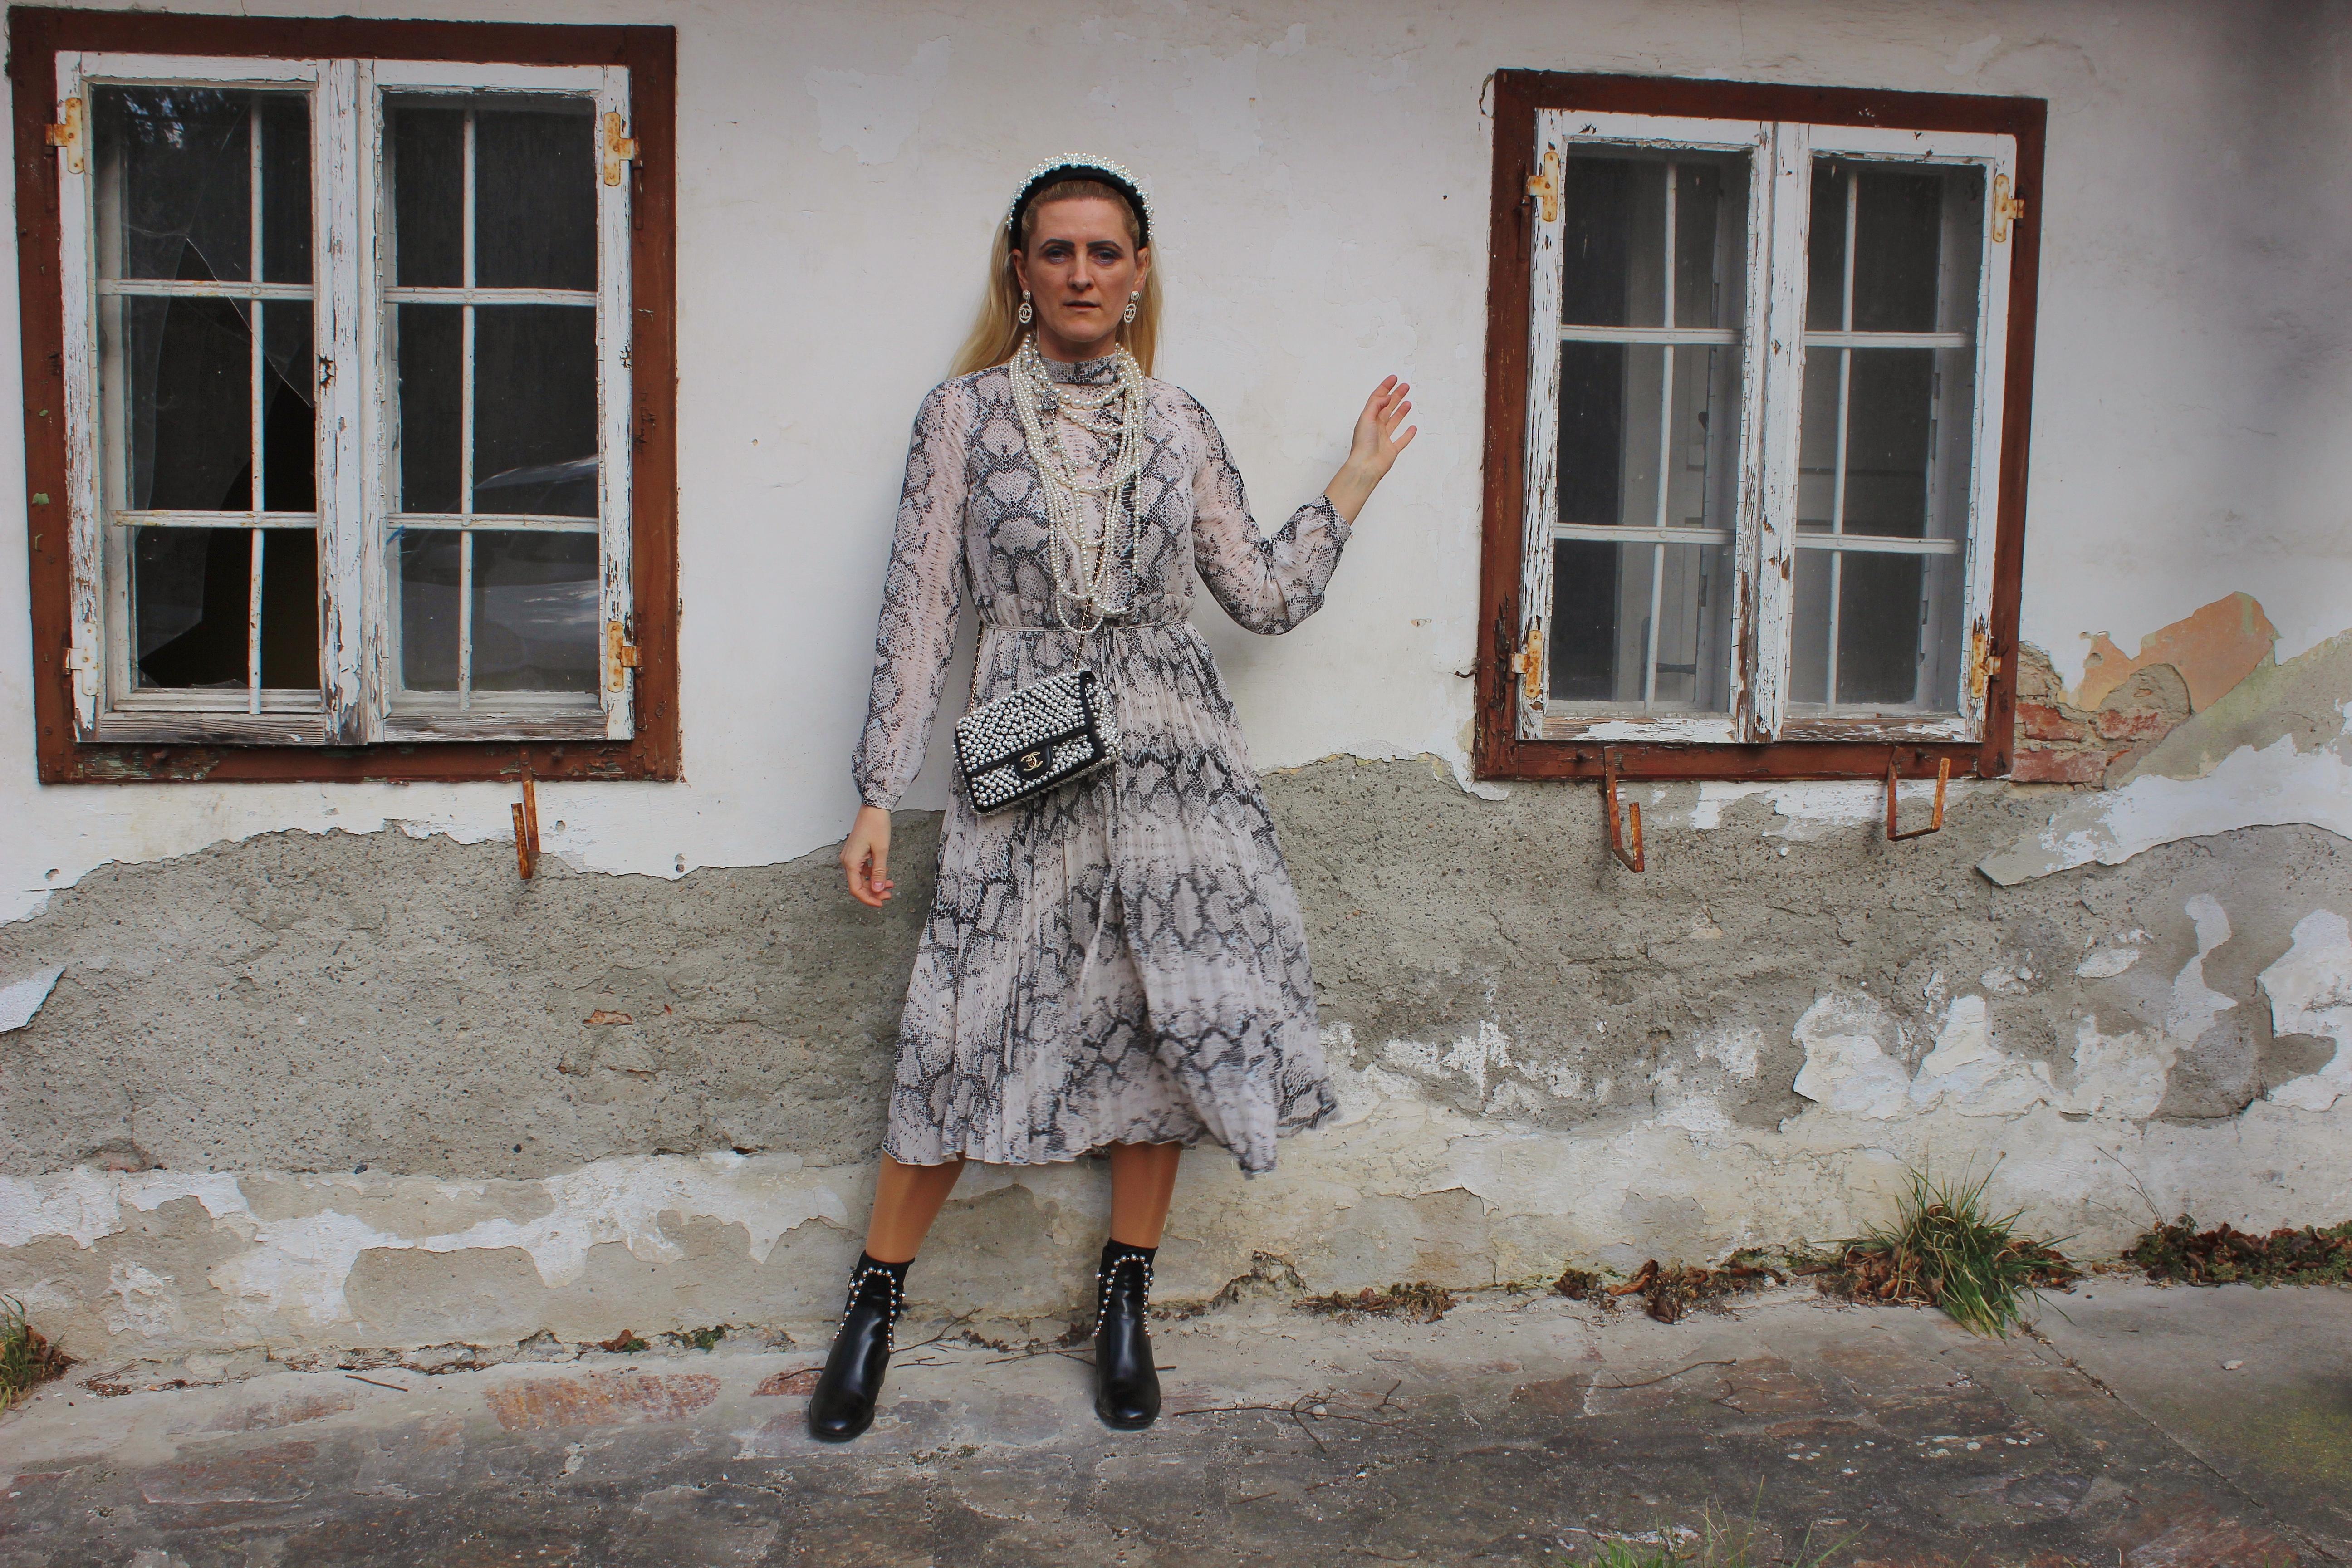 Snakeprint-Maxikleid-Schlangenprint-Kleid-Boots mit Pearlen Chanel Perlentasche Pearlbag carrieslifestyle Tamara Prutsch